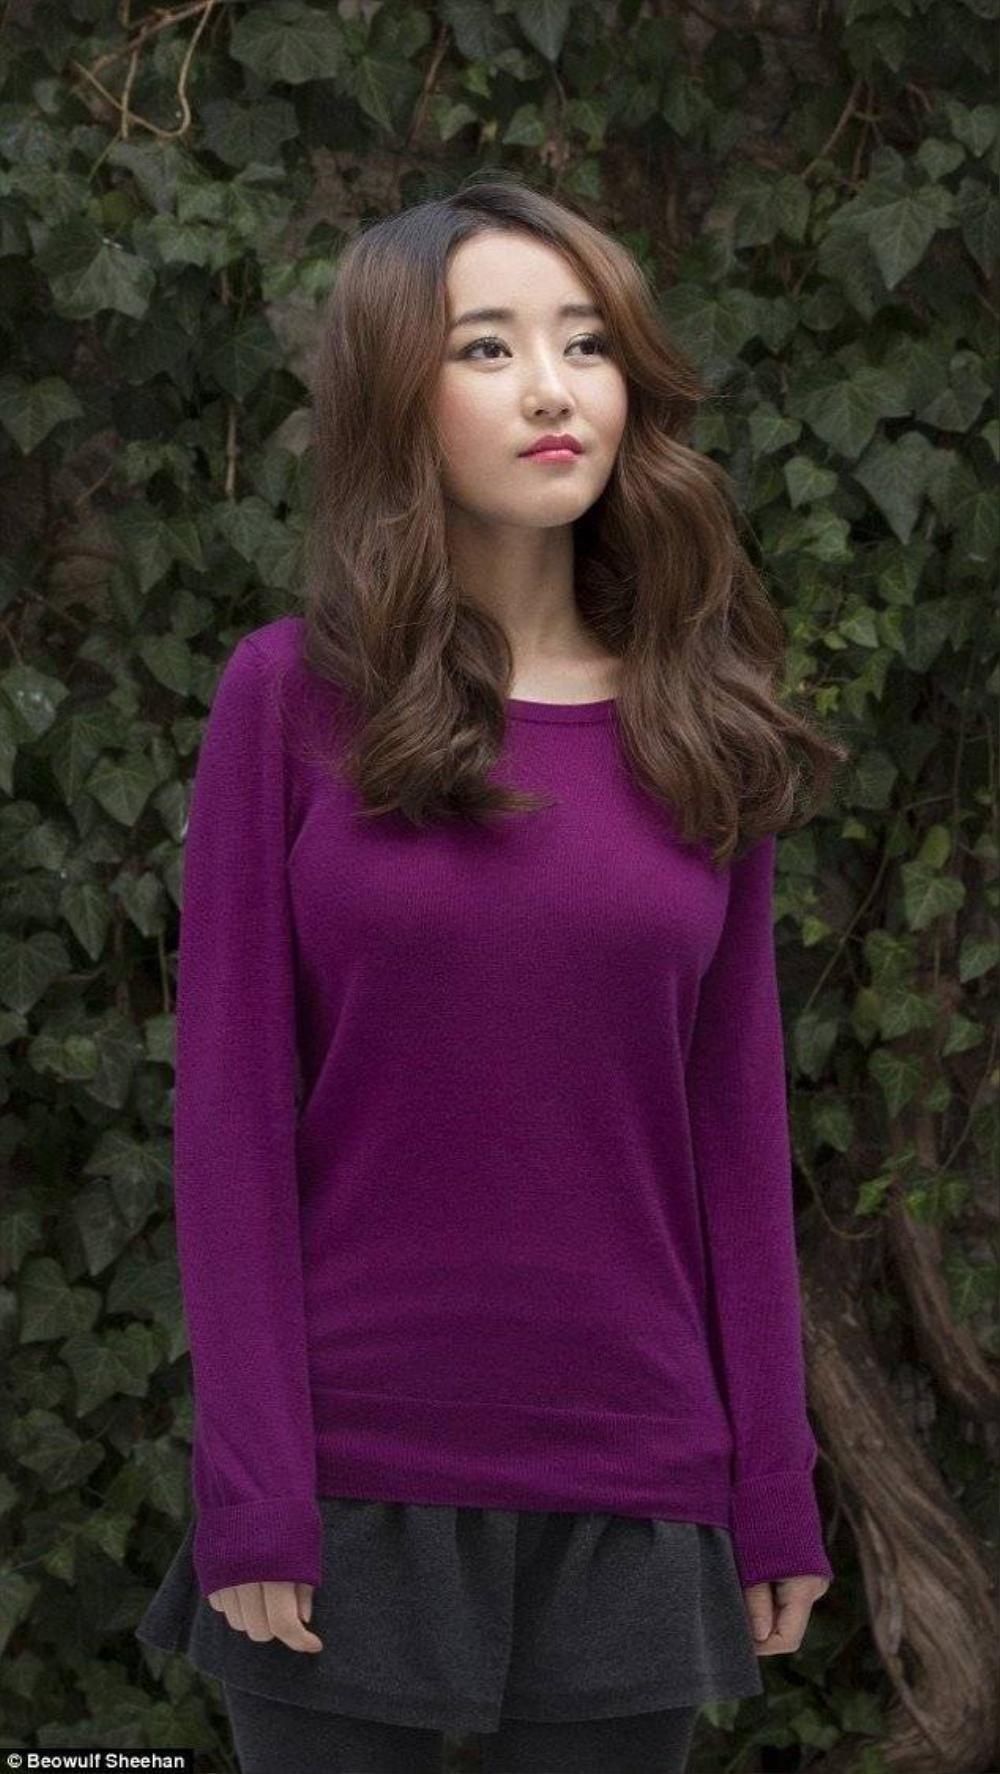 Hiện nay, Yeonmi đã 21 tuổi và đang sống yên ổn với mẹ và chị gái ở New York. Yeonmi vừa xuất bản cuốn tự truyện về cuộc đời mình có tên In order to live (tạm dịch: Phải sống).